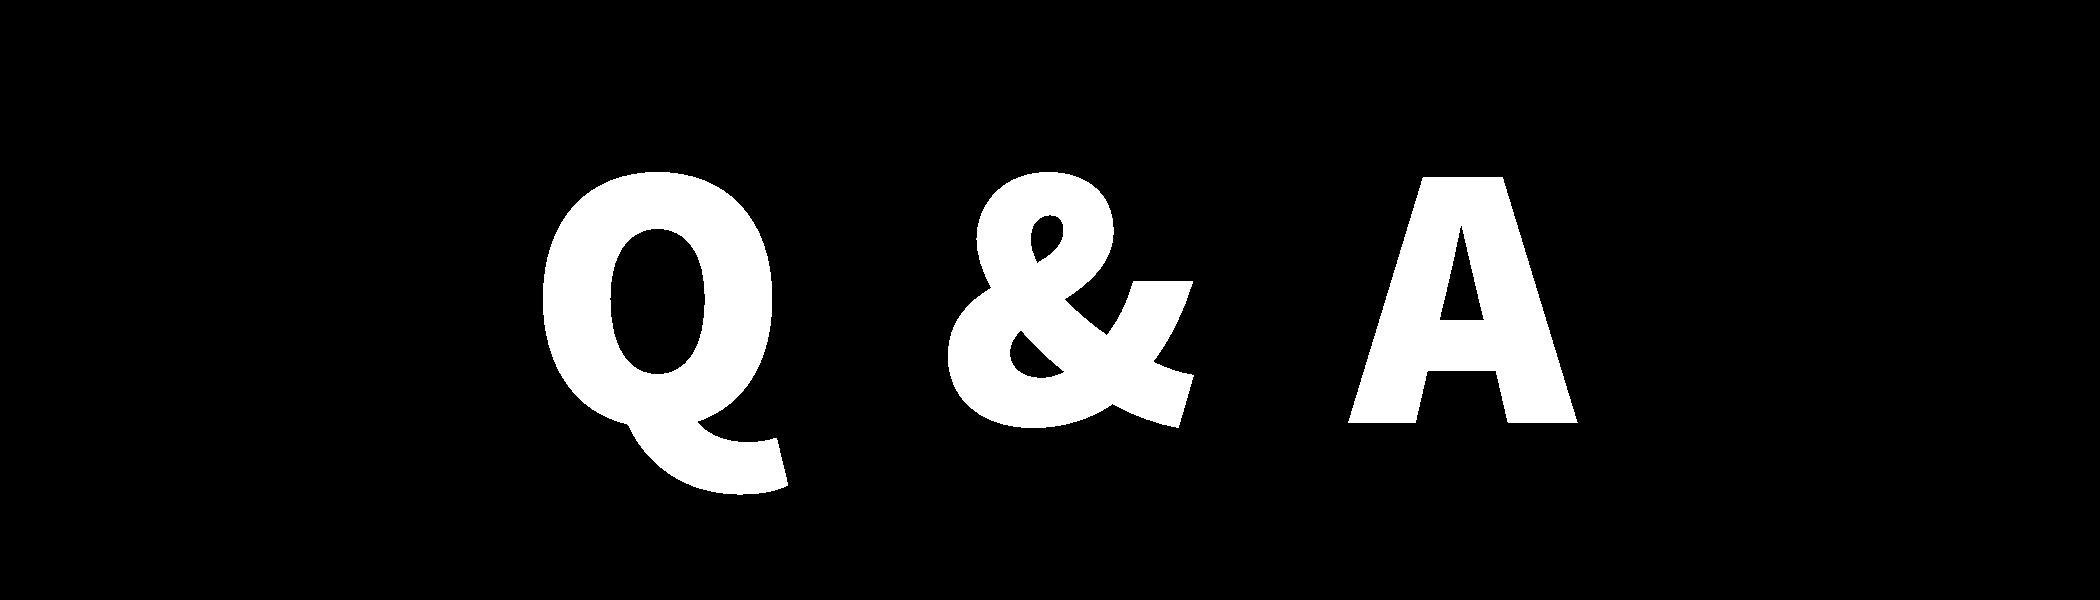 Q&A_Web.png